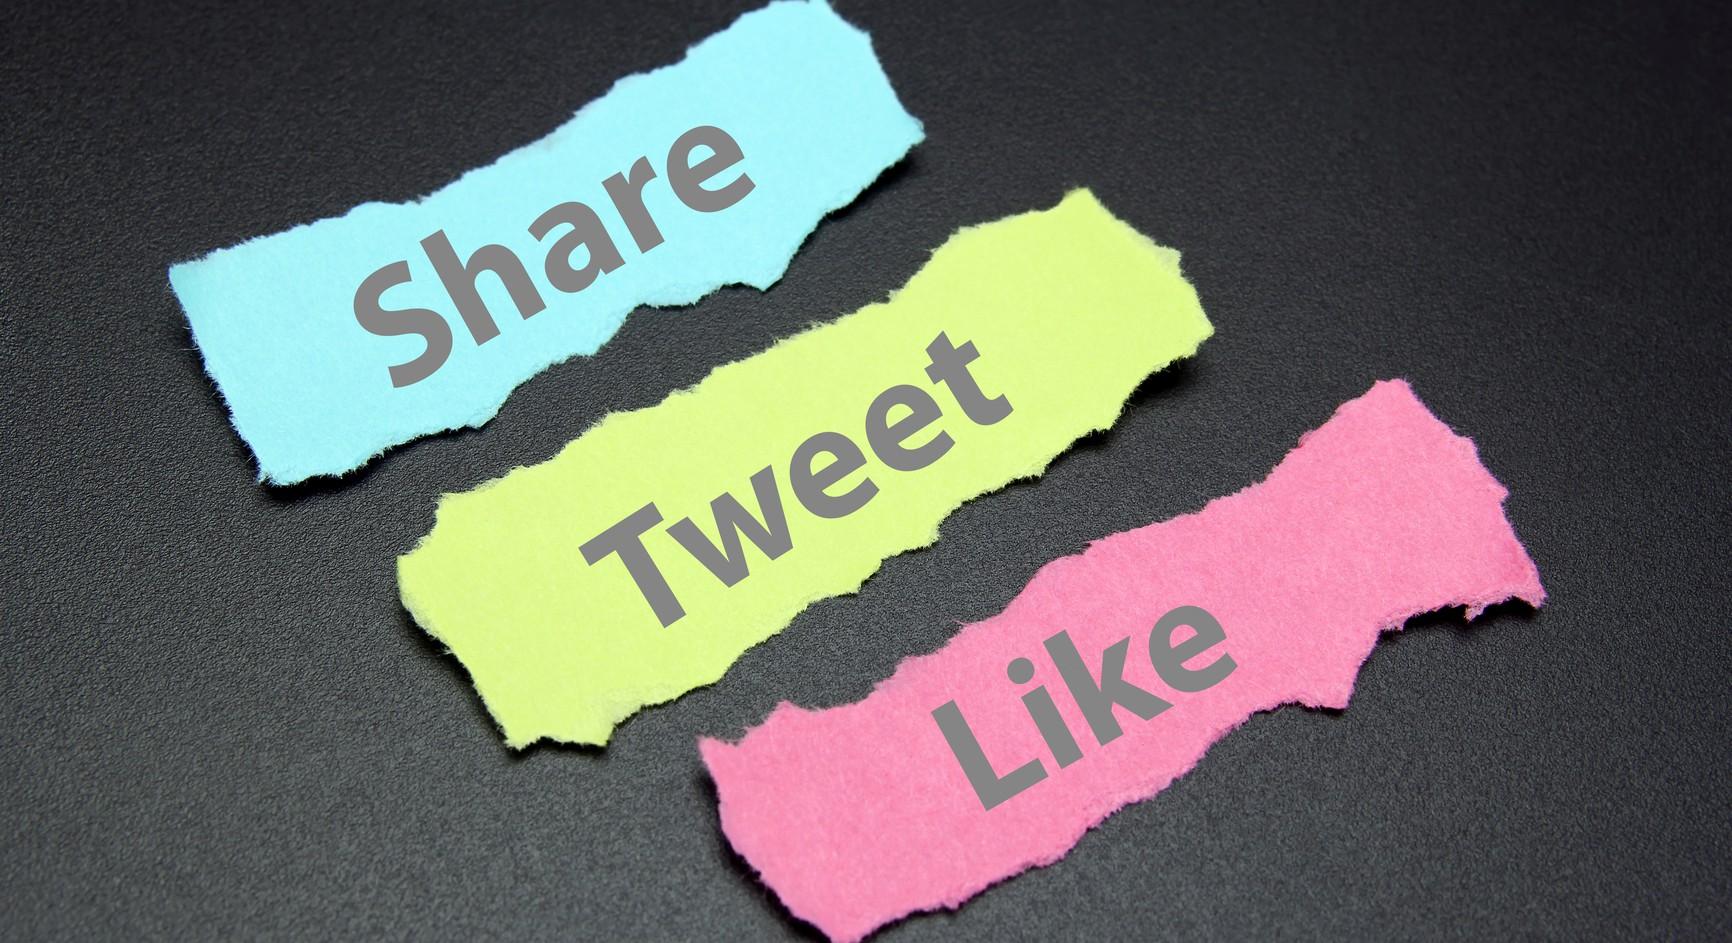 Как активизировать мобильных пользователей c помощью кнопок соцсетей и мессенджеров